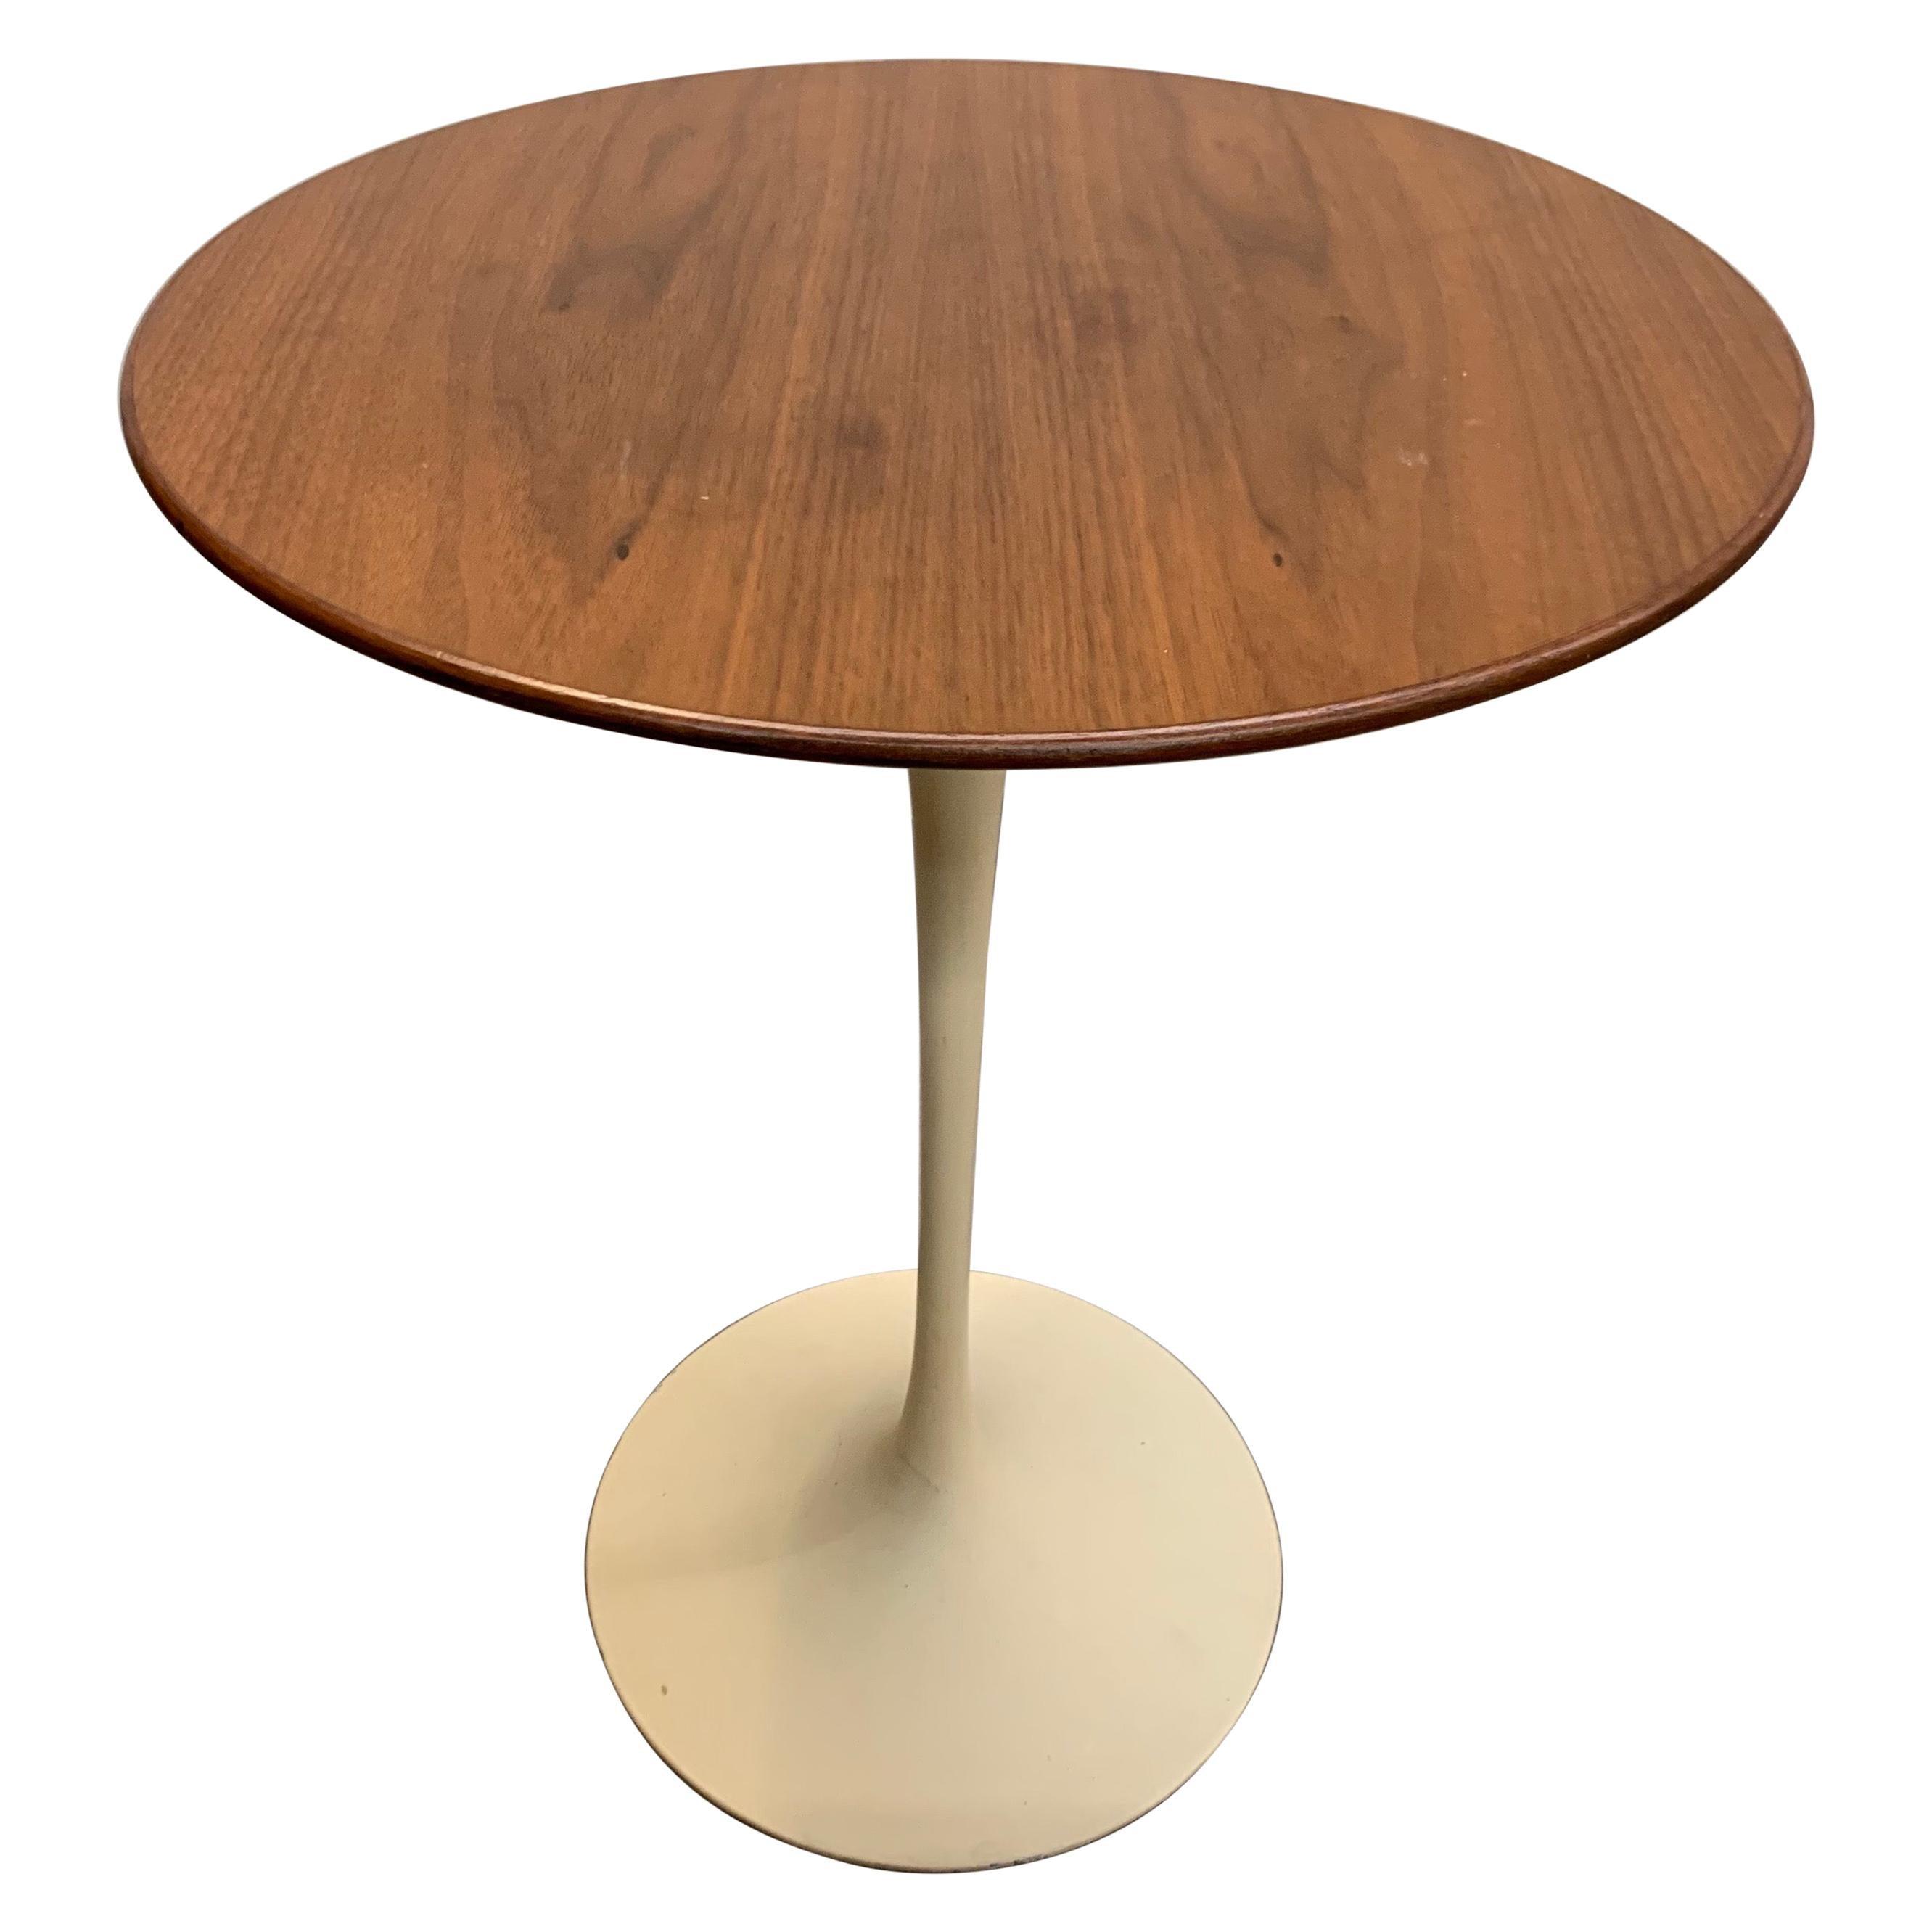 Vintage Mid Century Saarinen for Knoll Tulip Side Table